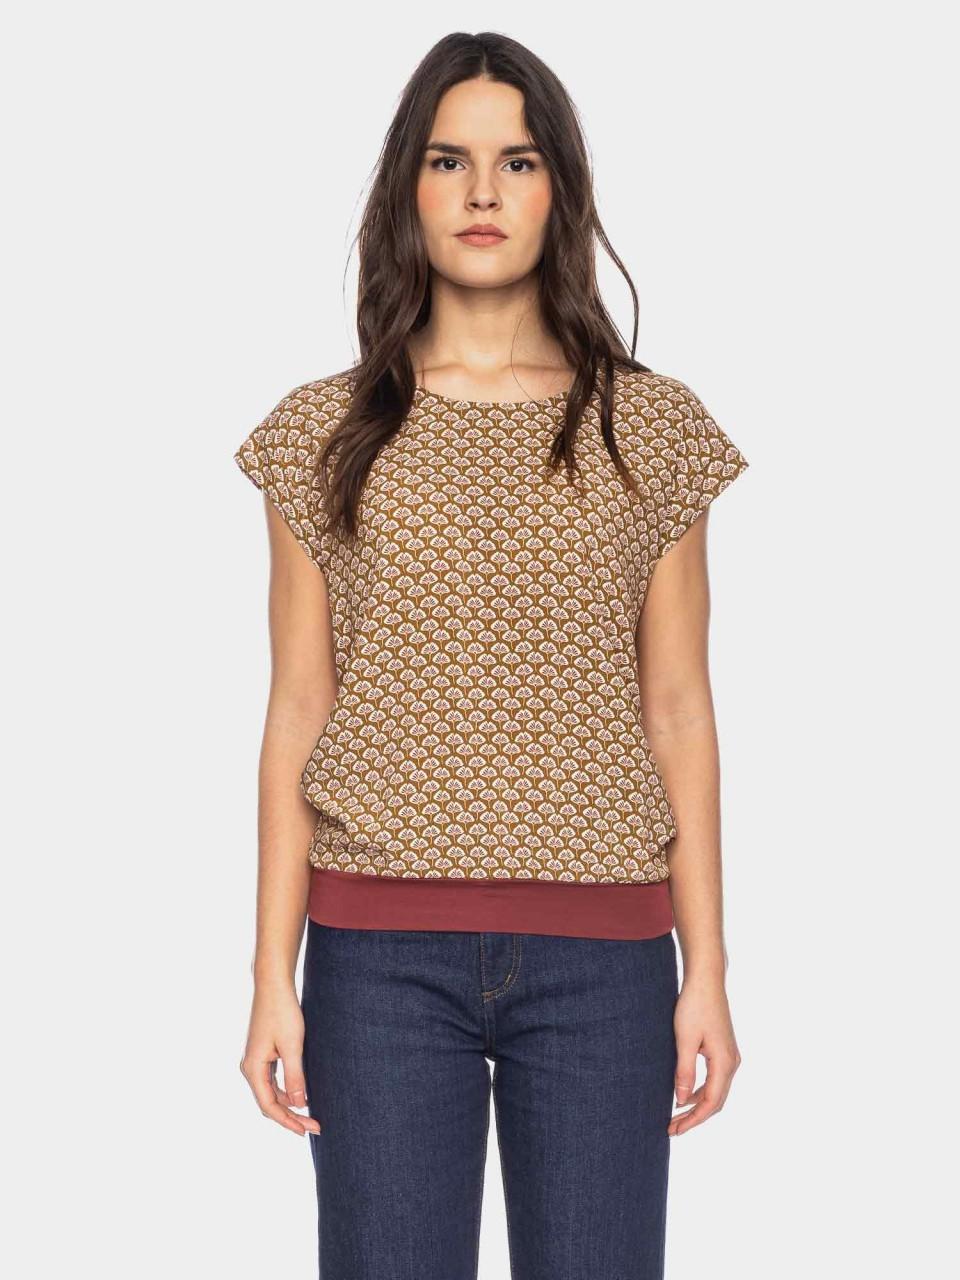 Shirt Leo CV 03/052 BRN/BG